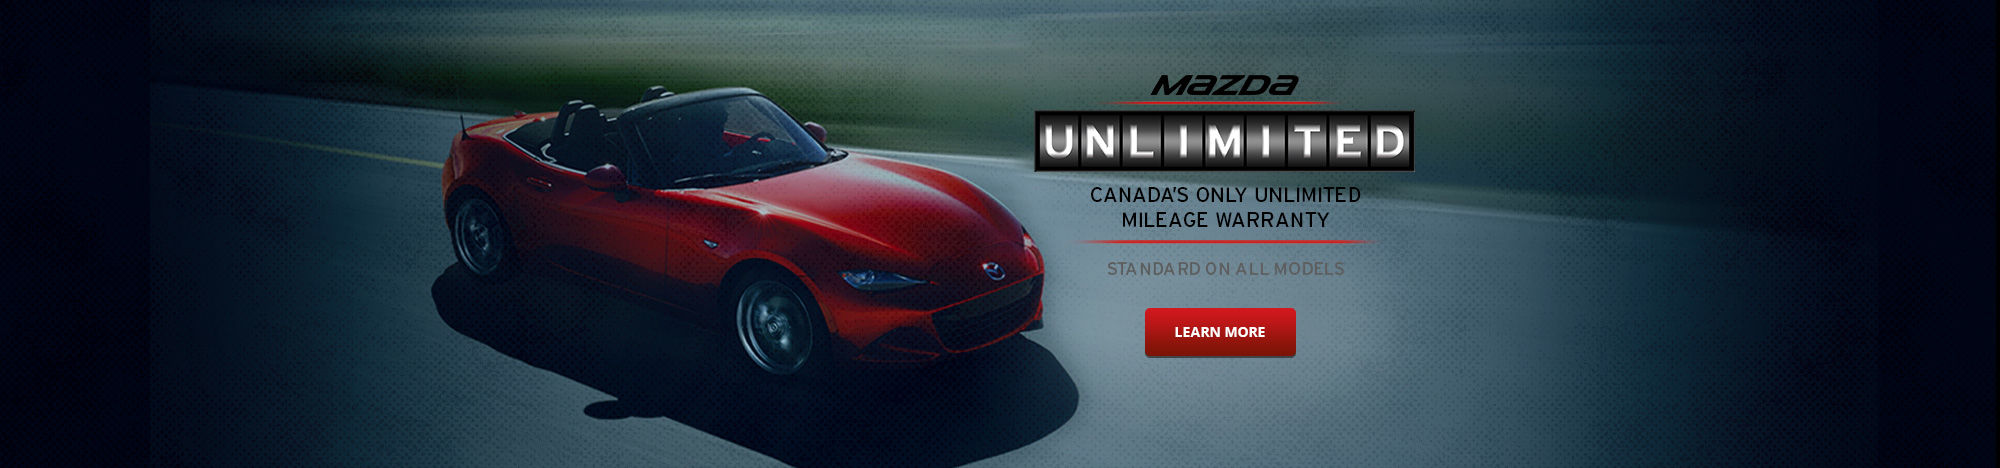 Mazda unlimited